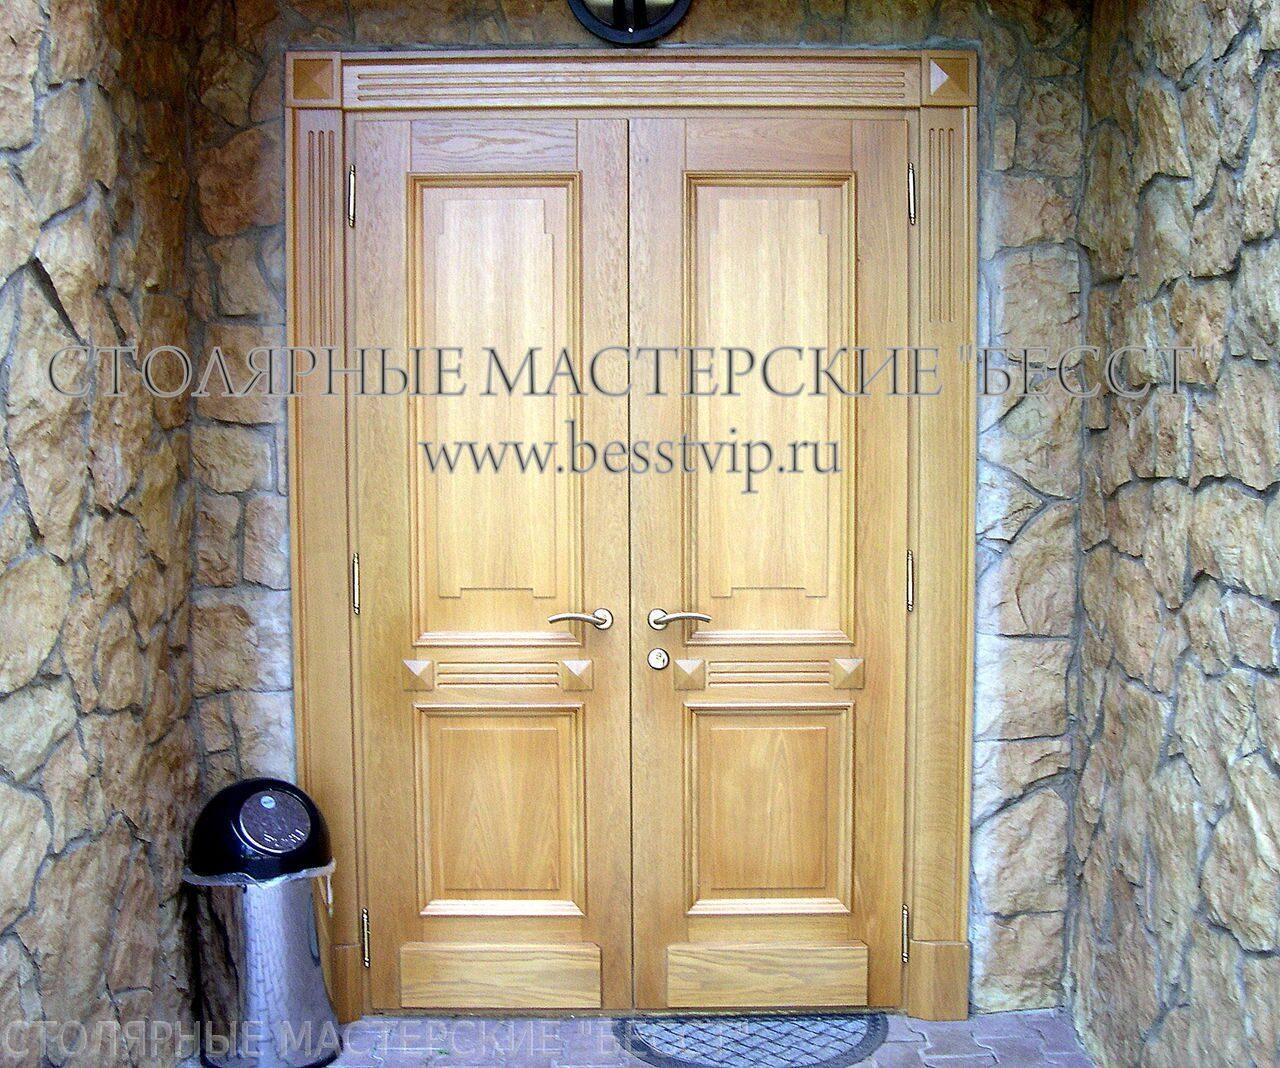 В нашем деле особое внимание уделено изготовлению арочных дверей